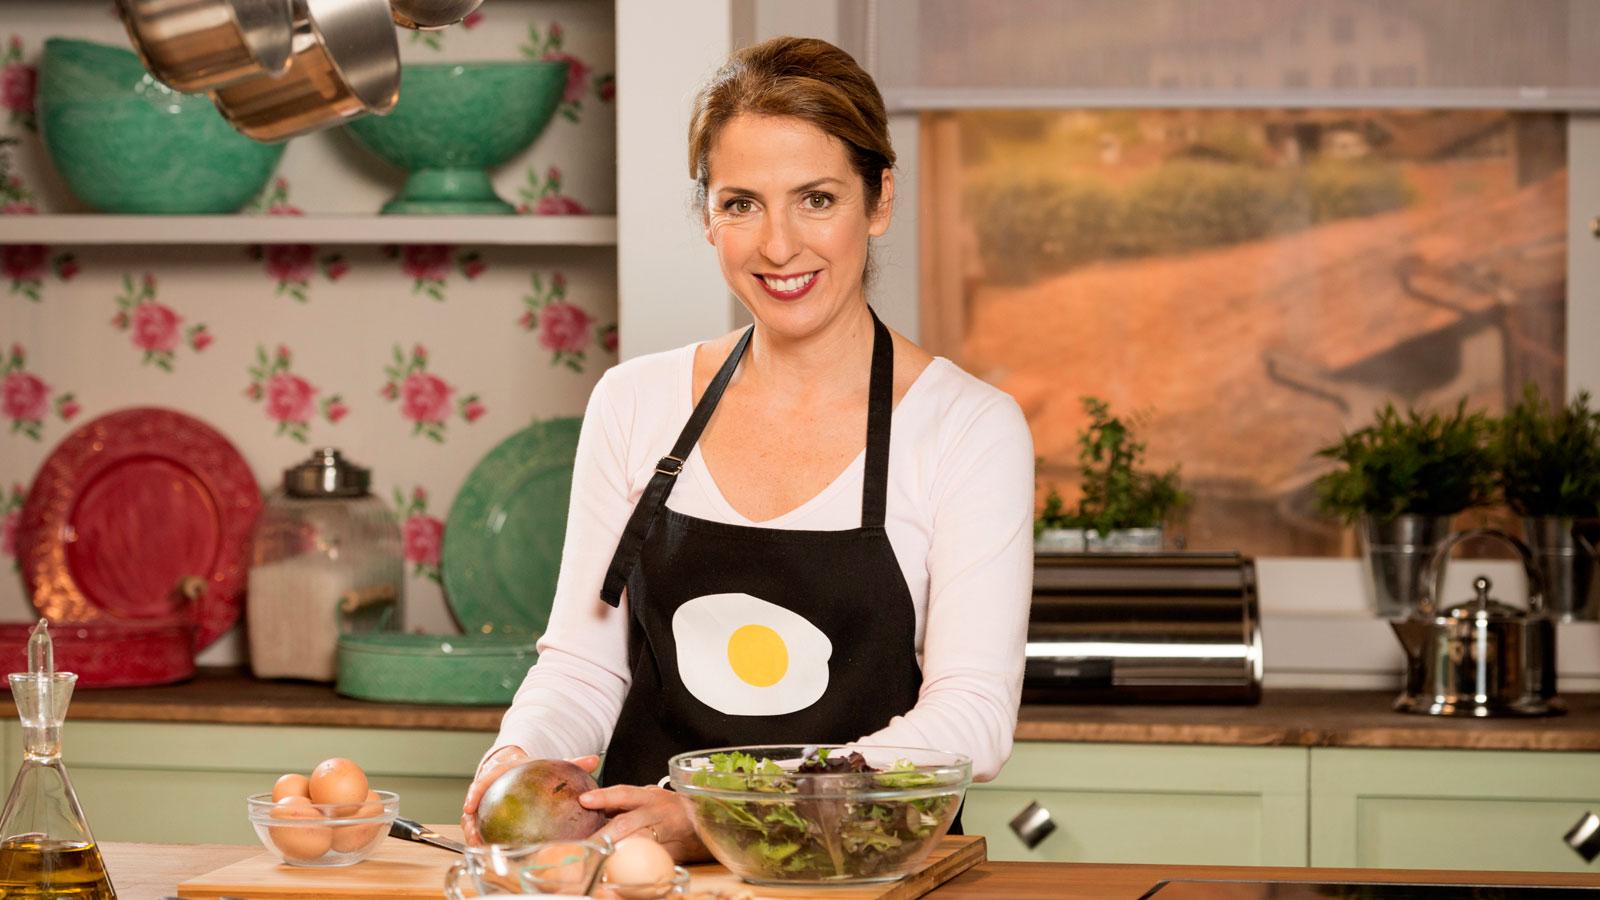 Cocina de familia t2 programas canal cocina for Canal cocina cocina de familia